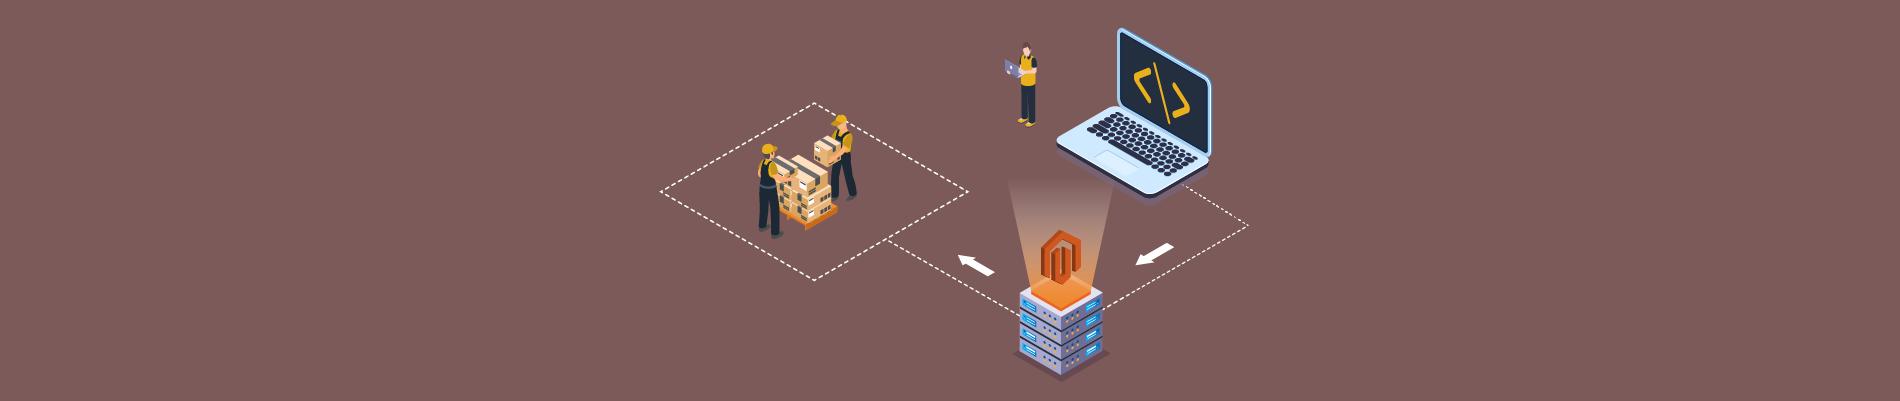 create shipment with Magento api